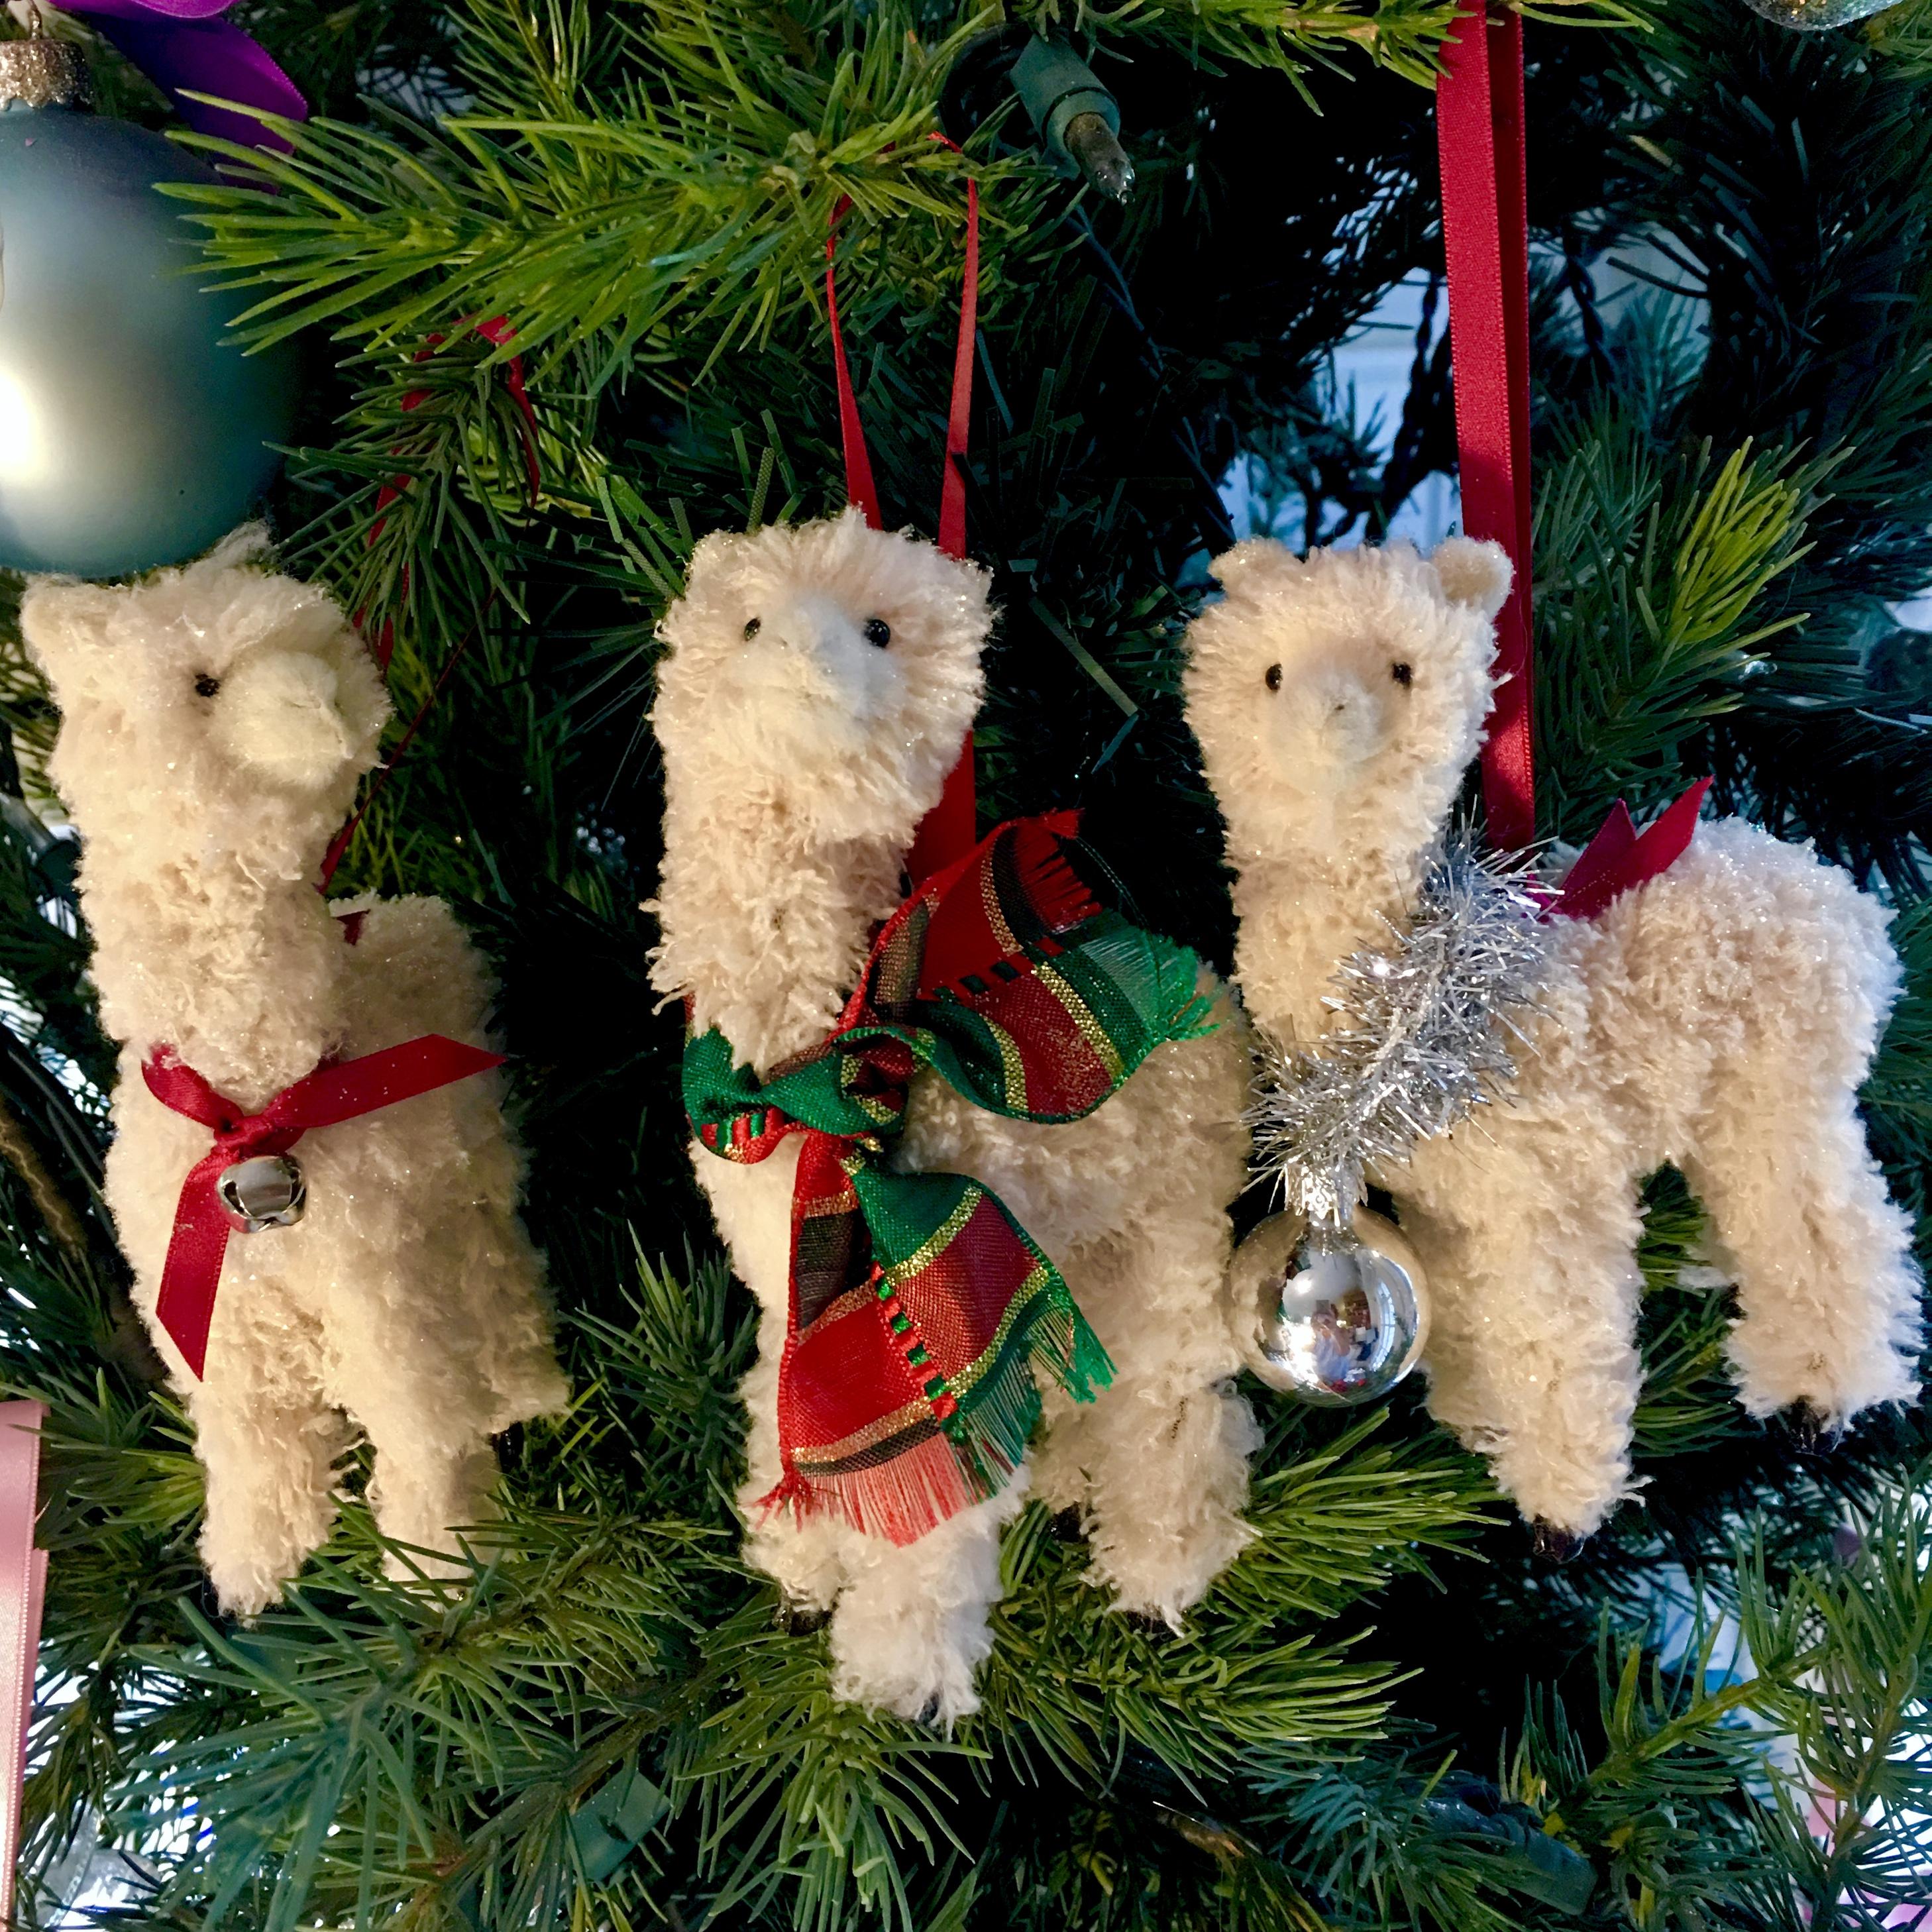 A trio of llamas